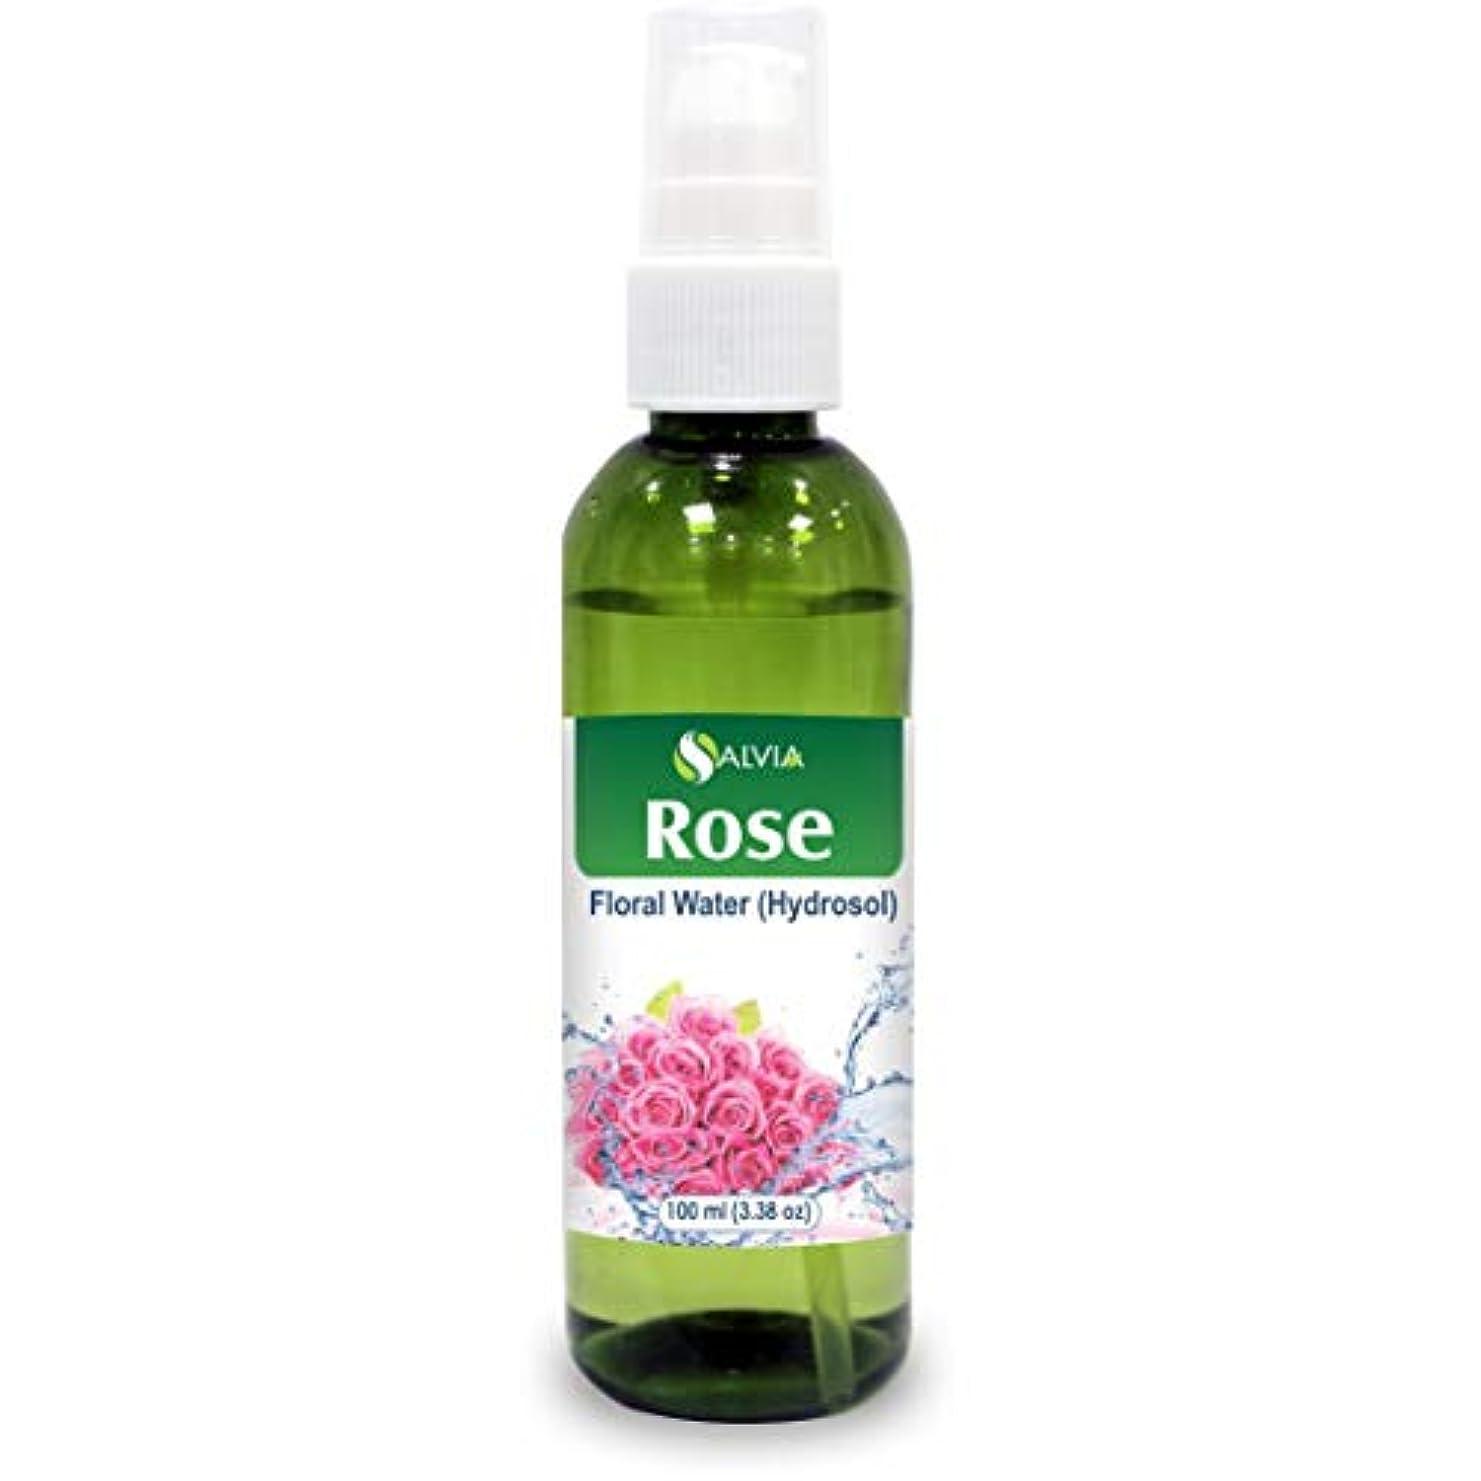 デッド測るほとんどの場合Rose Floral Water 100ml (Hydrosol) 100% Pure And Natural